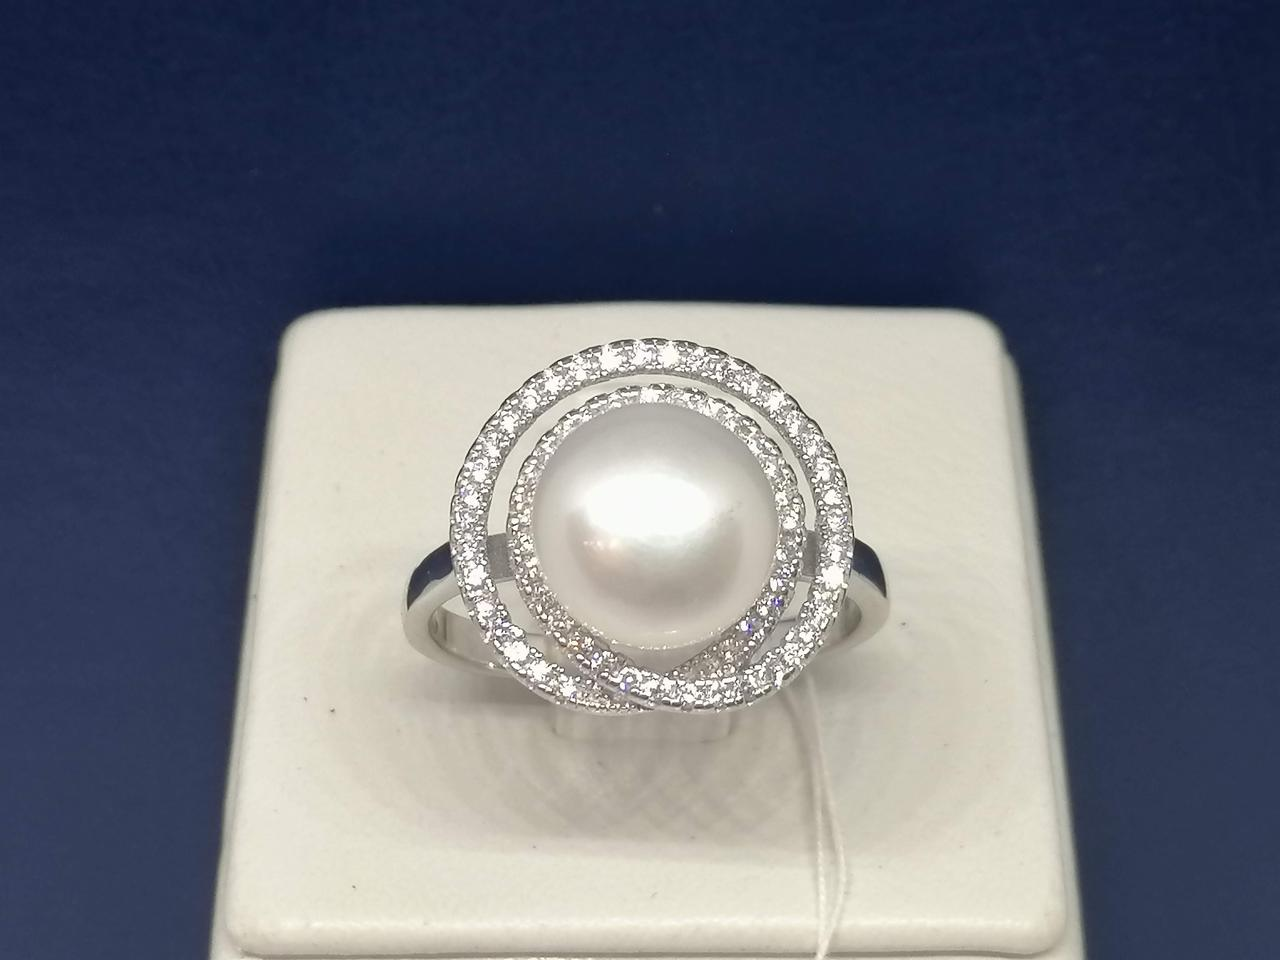 Серебряное кольцо с жемчугом и фианитами. Артикул А16326 19